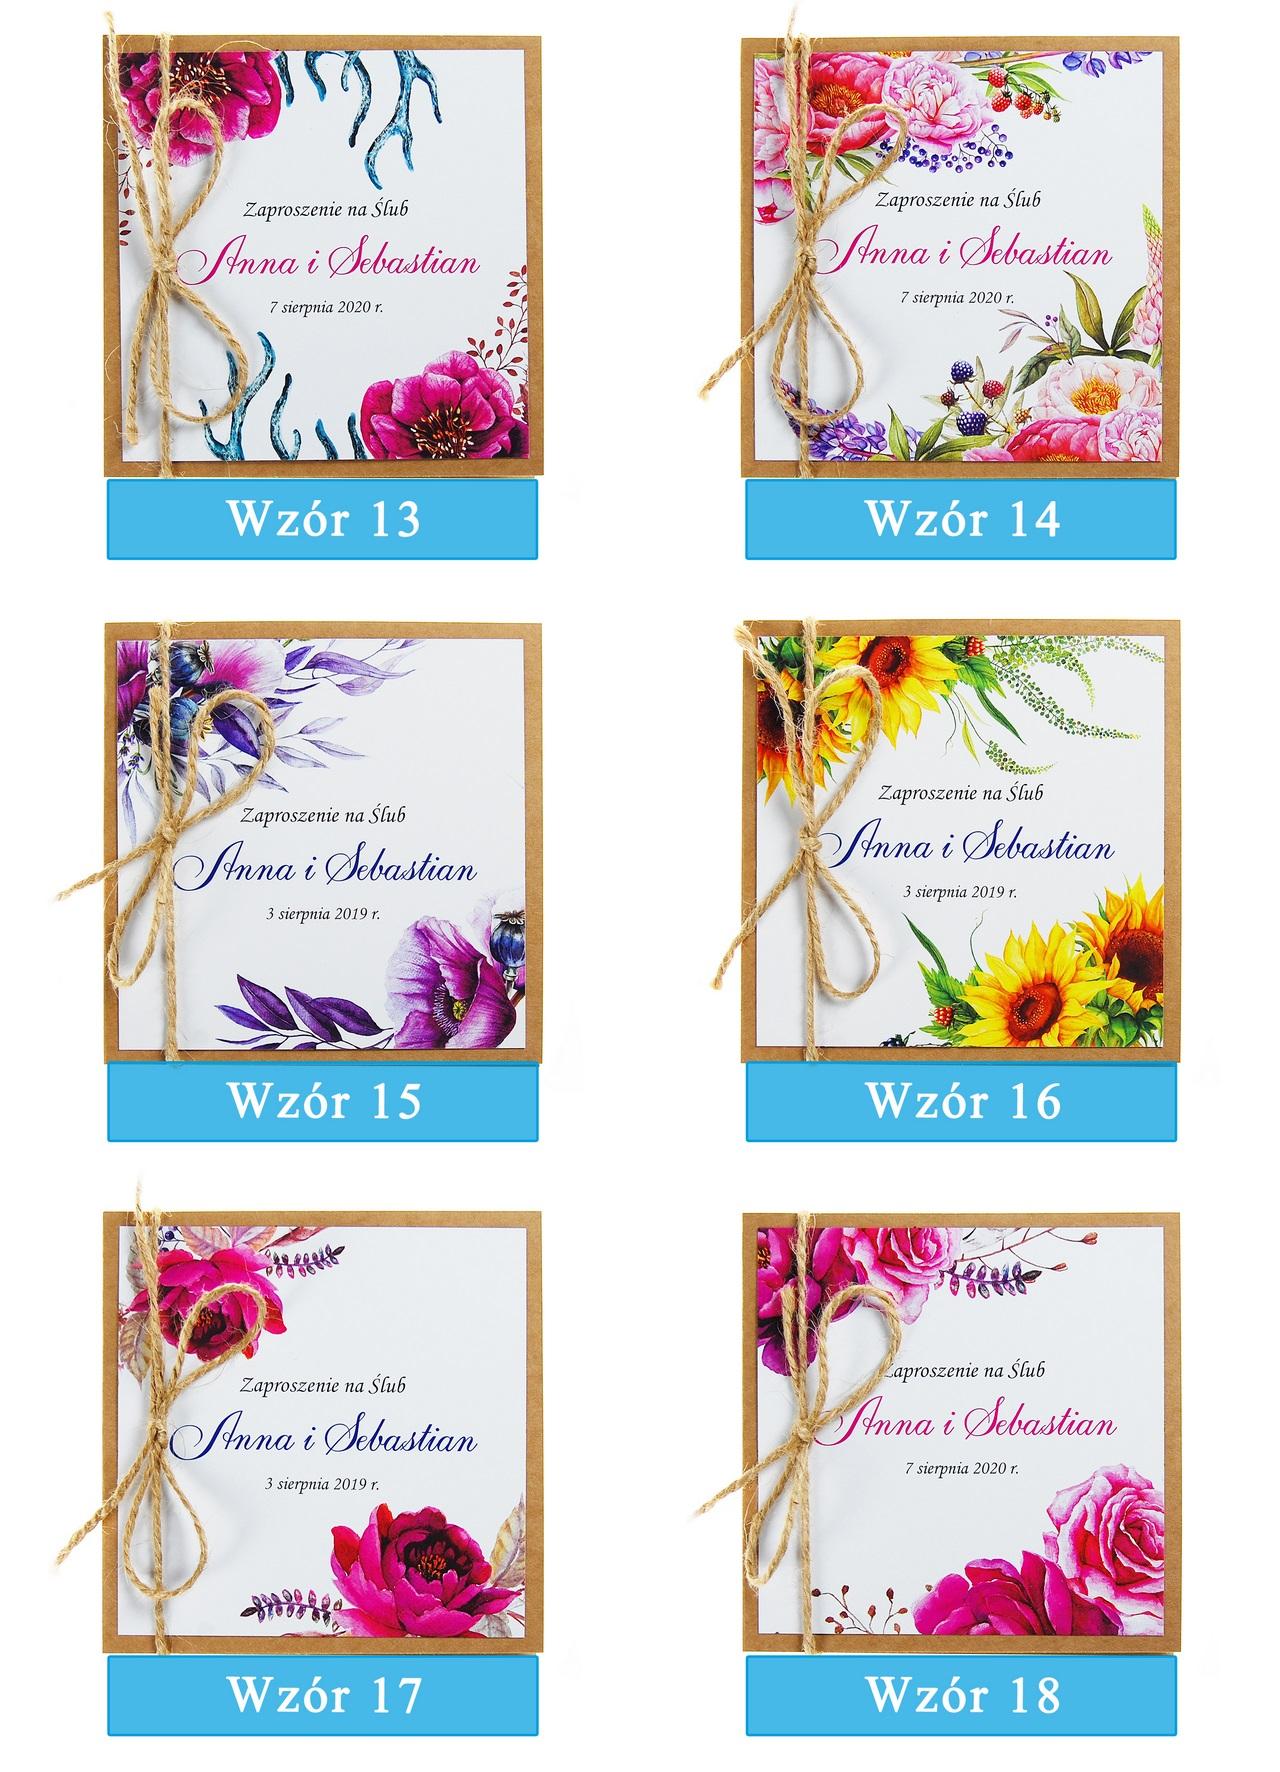 zaproszenia-ślubne-boho-rustykalne-kwiatowe-Nikola3-ze-sznurkiem-eko-klejone-front-na-białym-papierze-plansza-wzory13-18